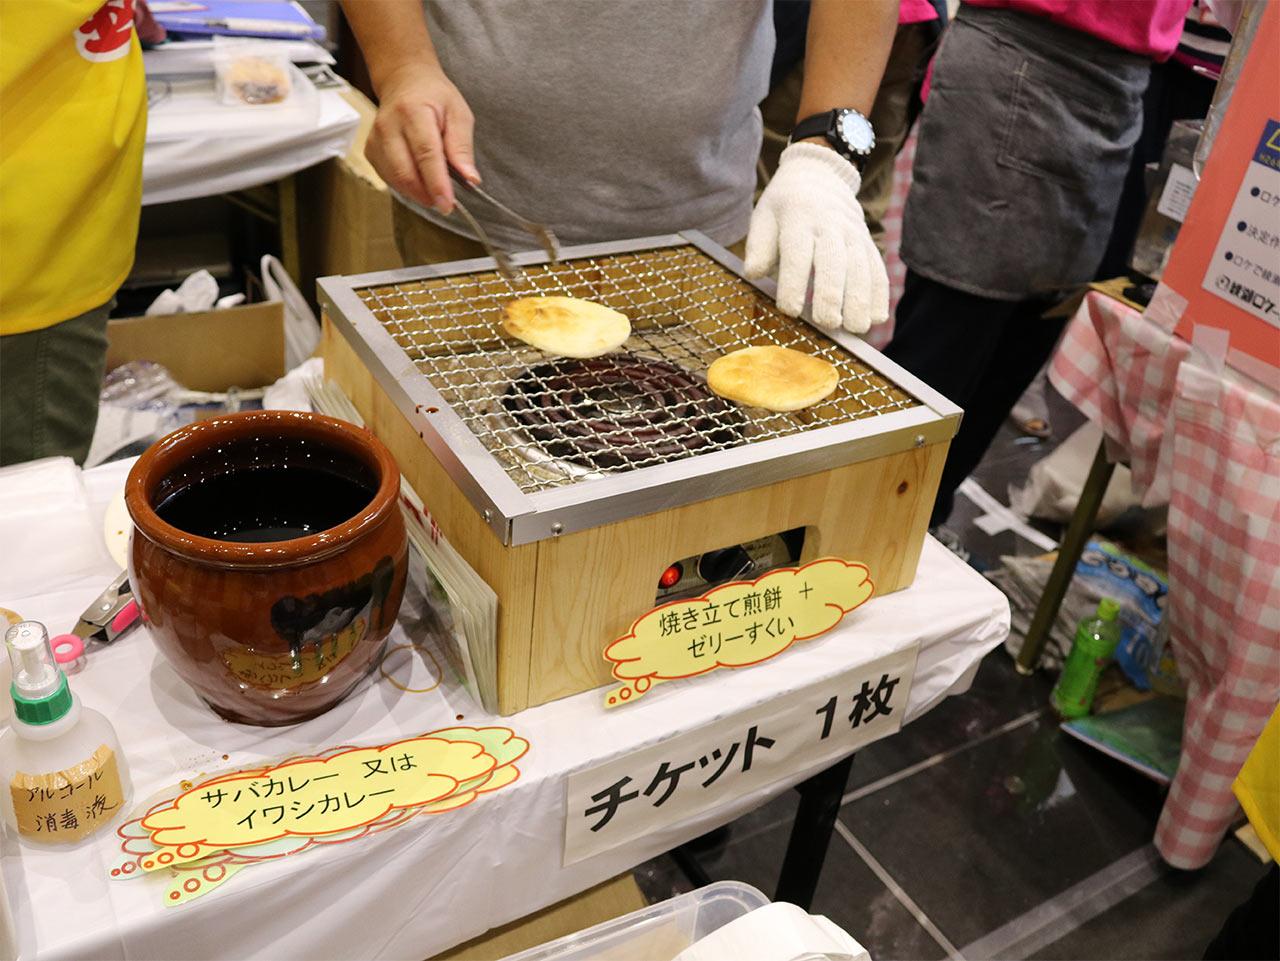 furusato-koshien-2016-report-09